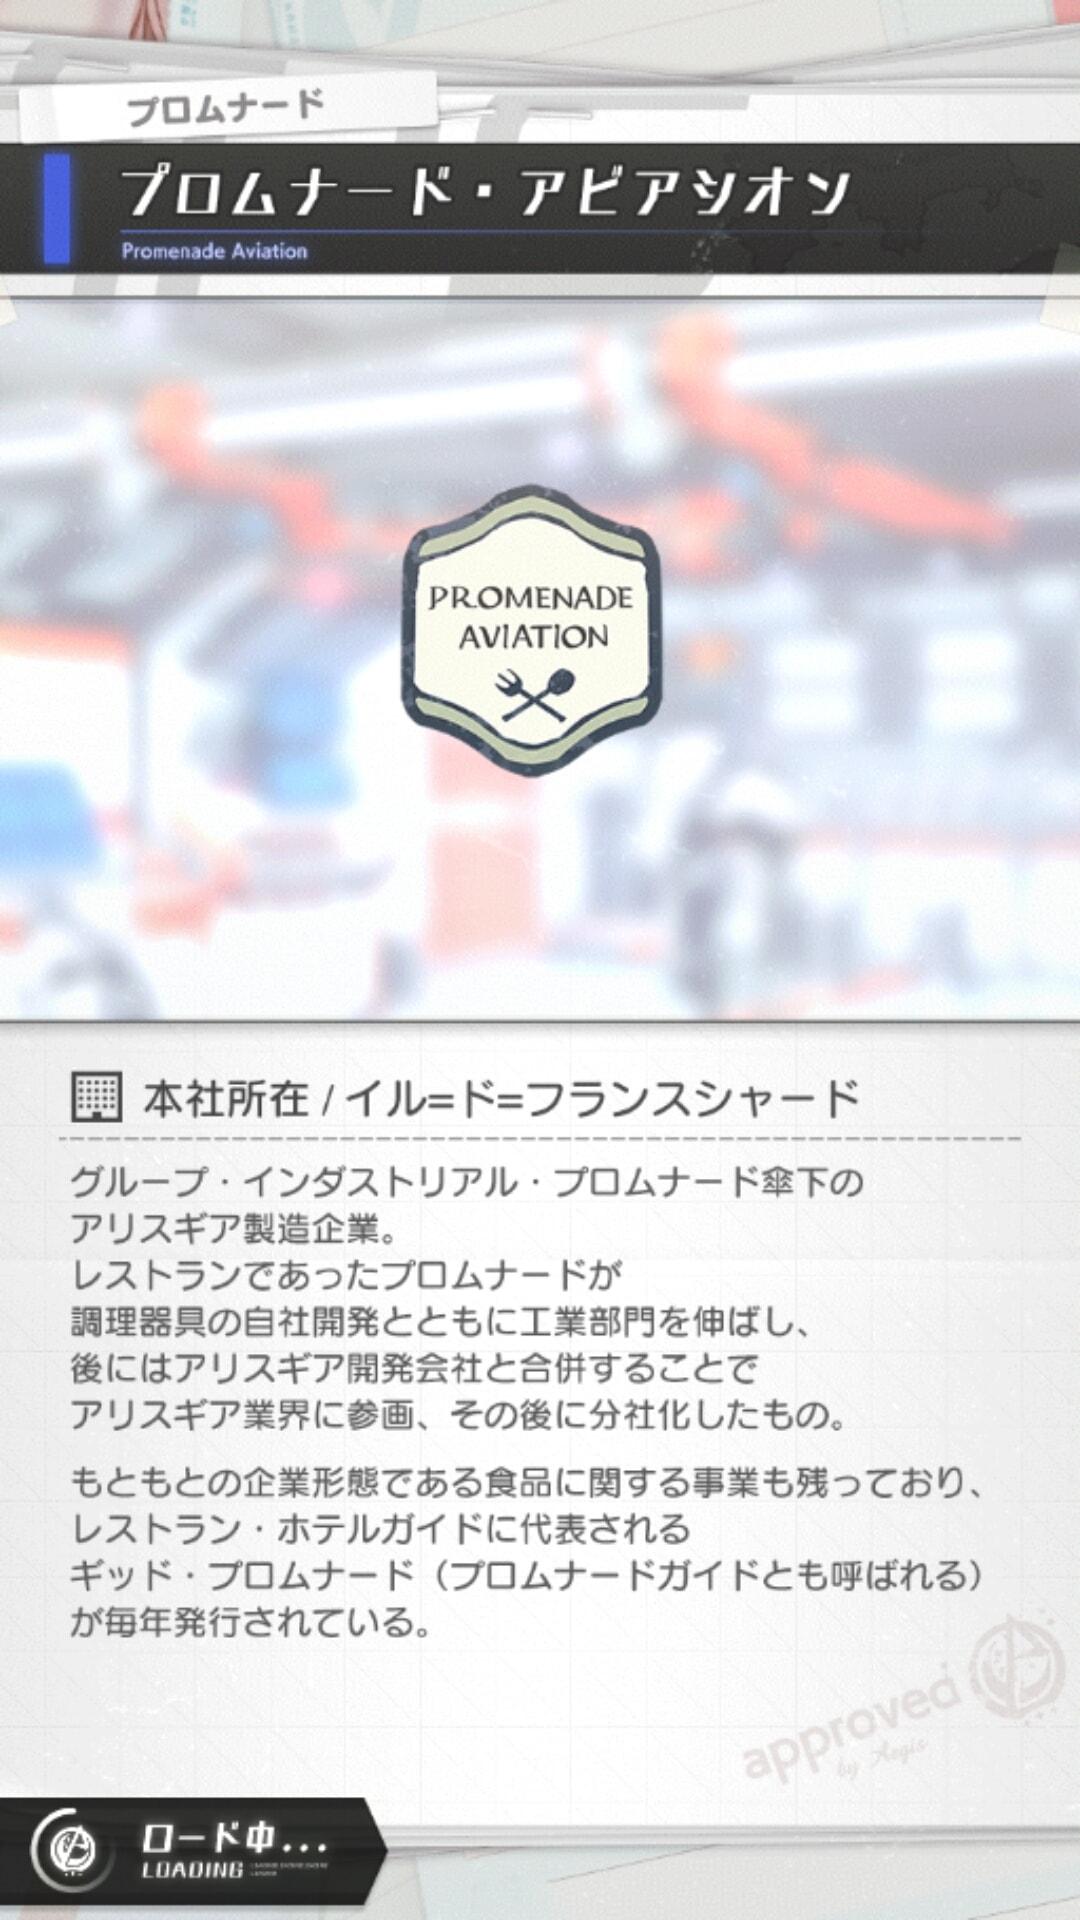 プロムナード・アビアシオン.jpg